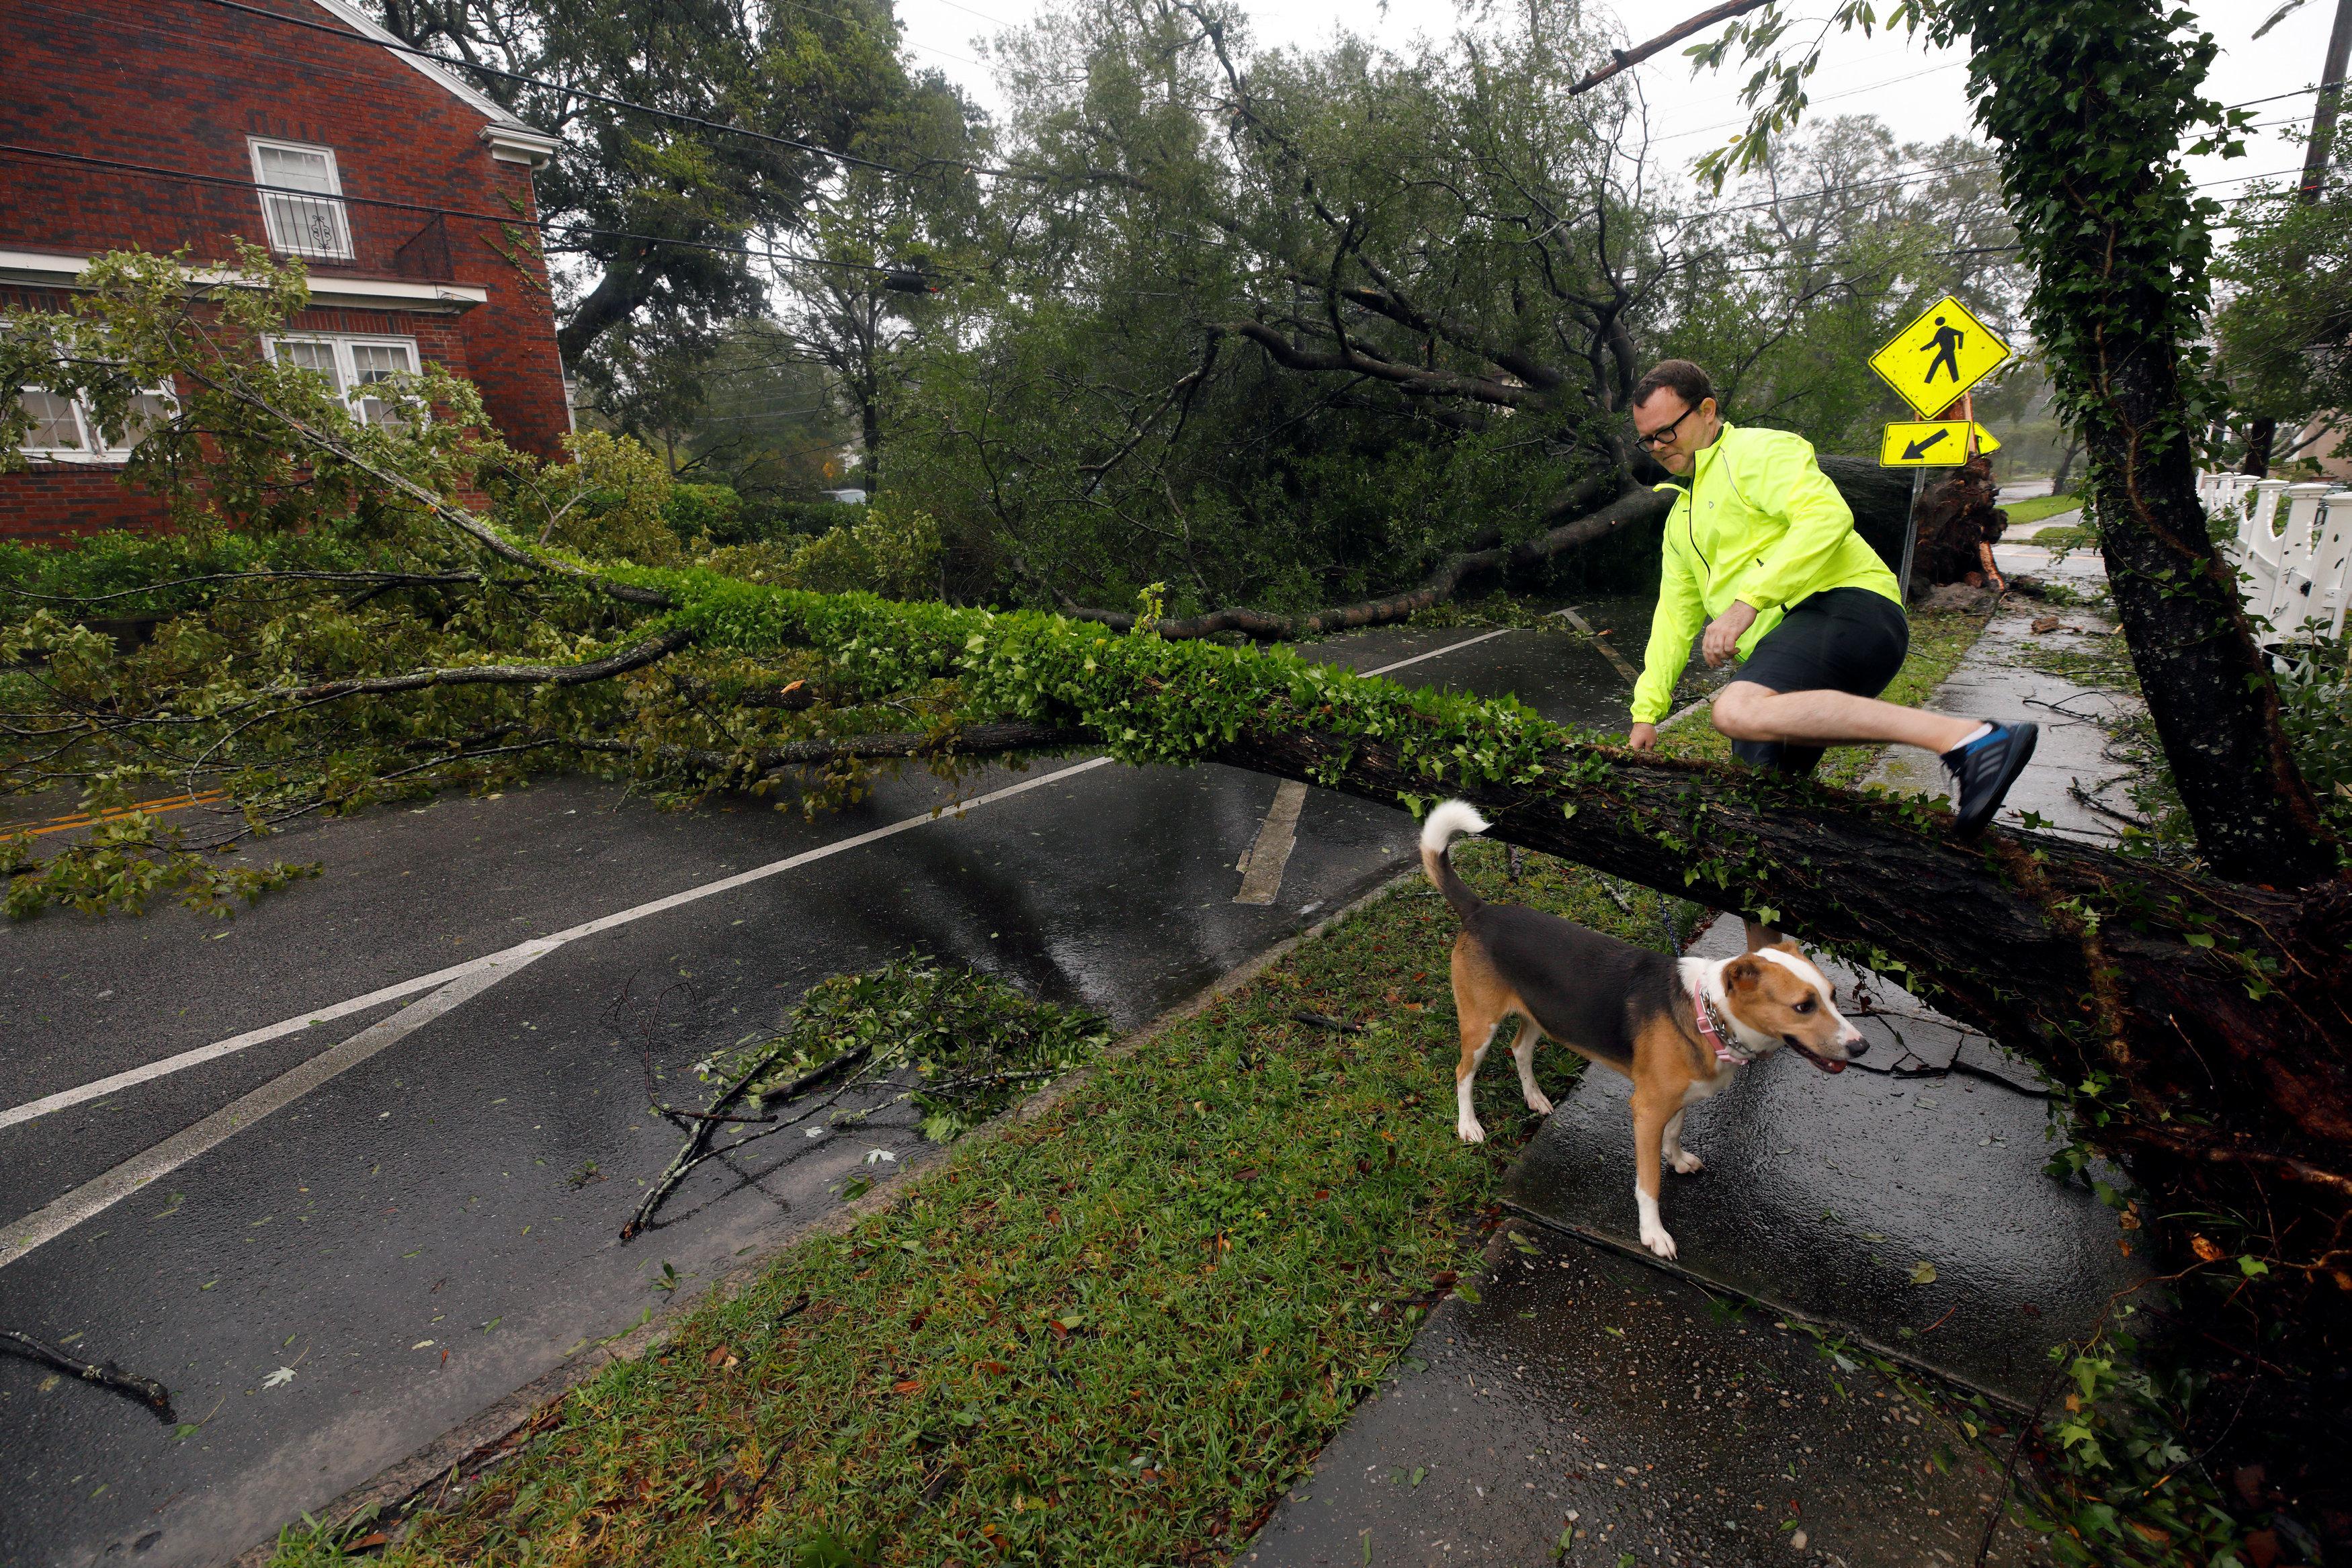 شجرة تقطع احد الطرق بالولايات المتحدة